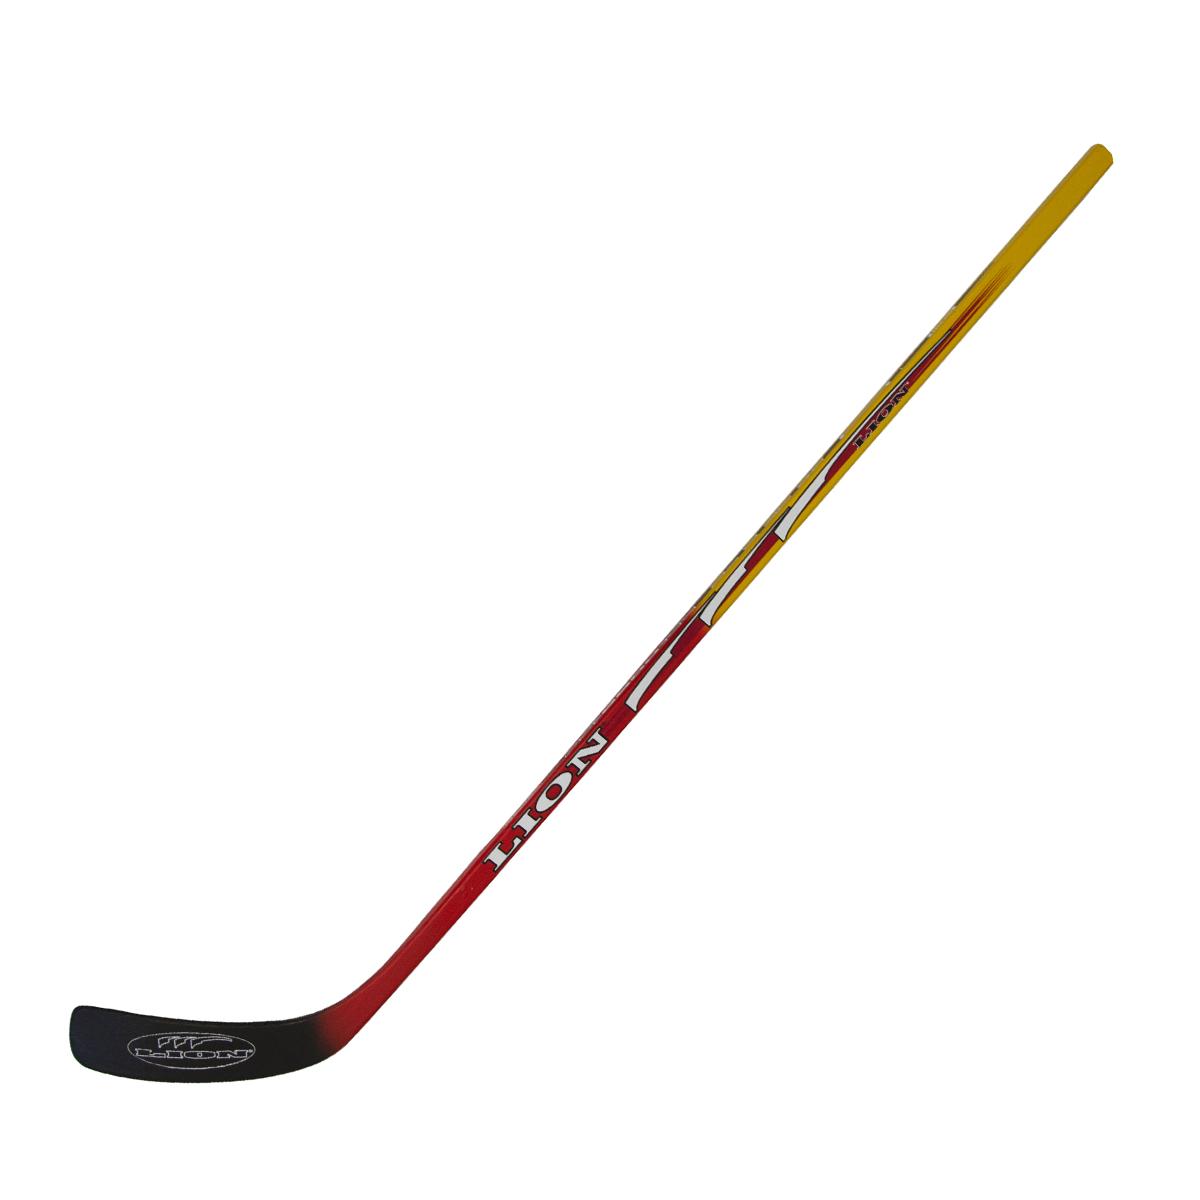 Hokejka LION 6633 - 125 cm pravá - červená